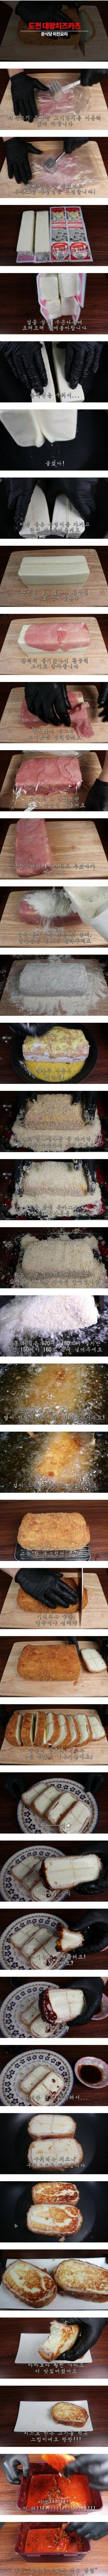 대왕치즈돈까스 만들어먹기.JPG | 인스티즈